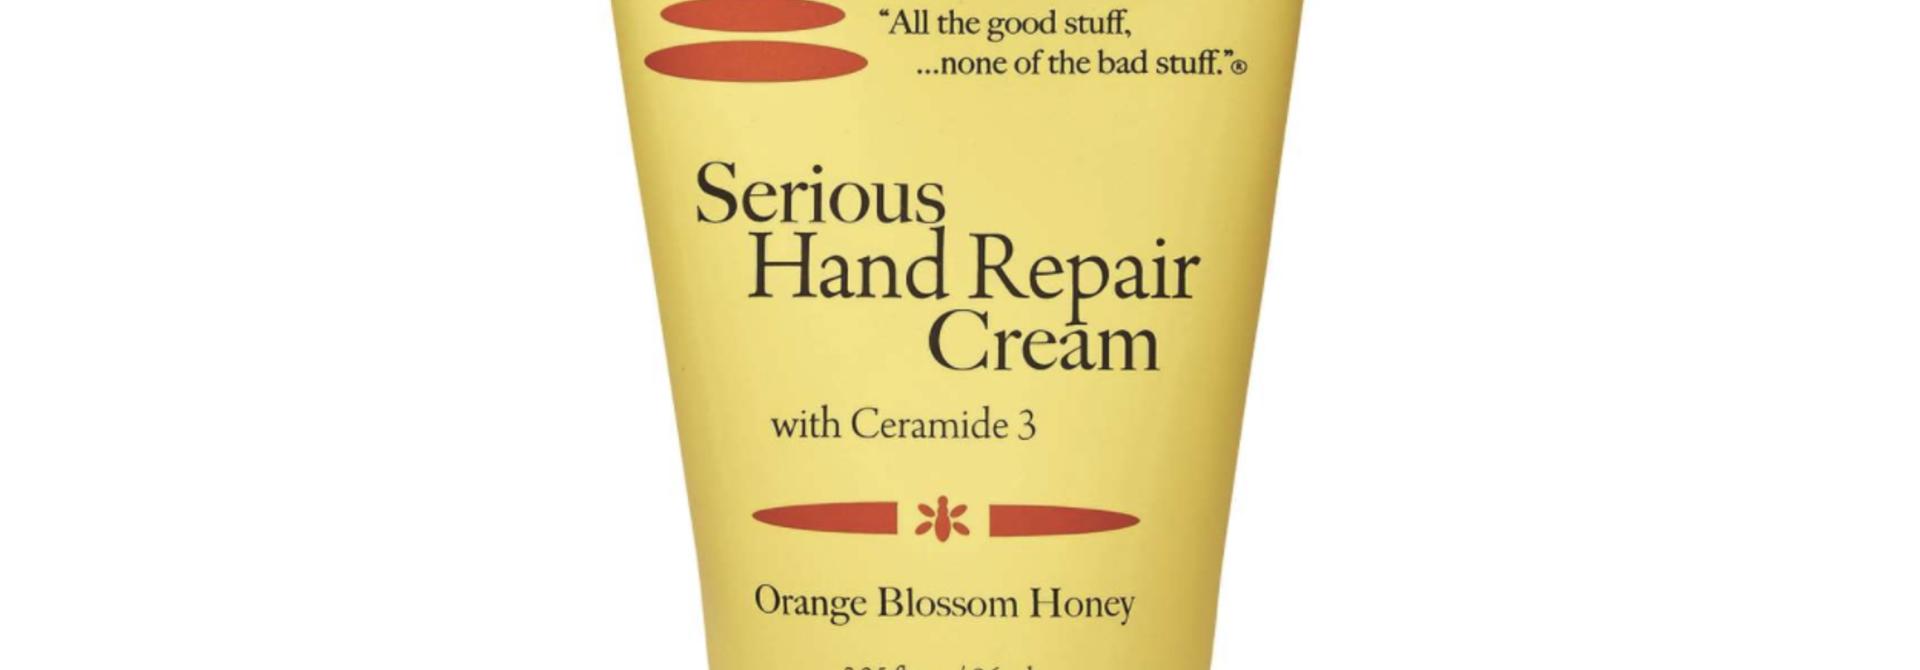 Orange Blossom Honey Serious Hand Repair Cream, 3.25 oz.